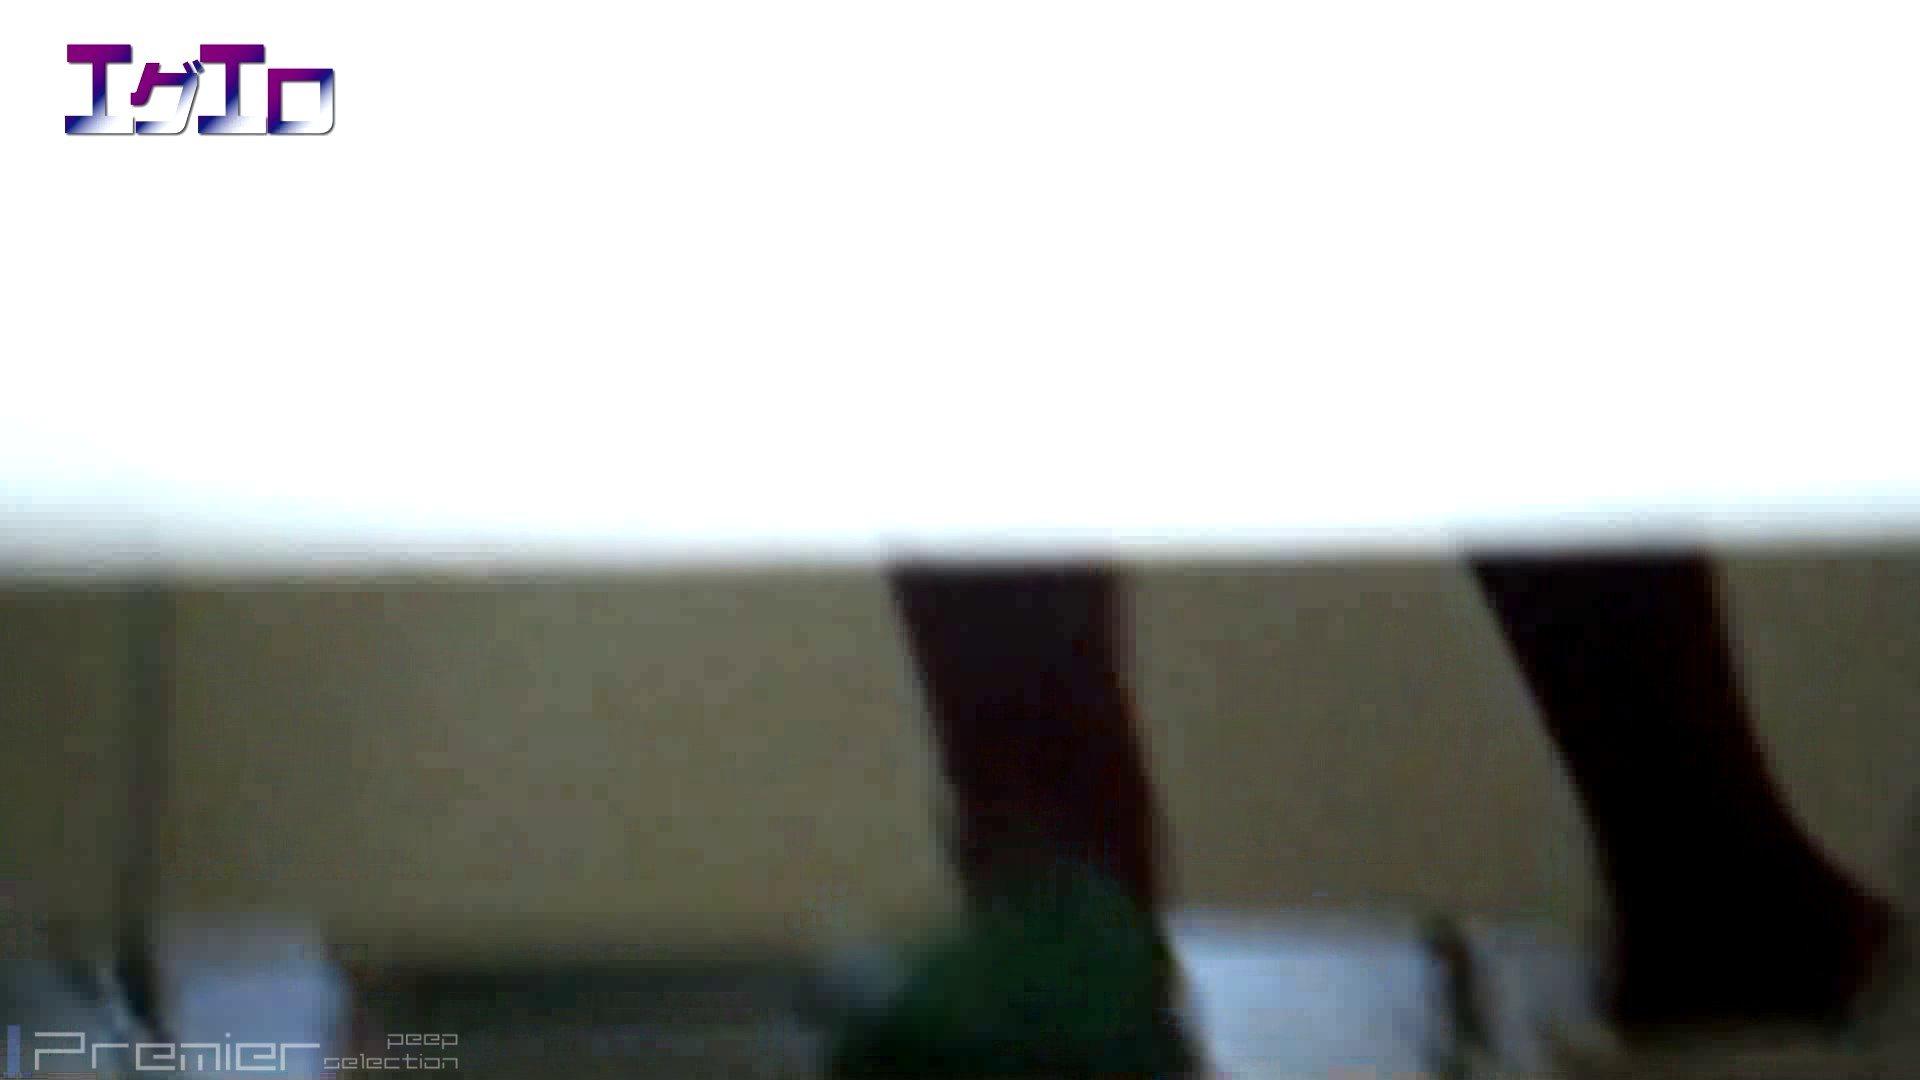 至近距離洗面所 Vol.10ブルージーンズギャルの大放nyo 盛合せ AV無料動画キャプチャ 72画像 51